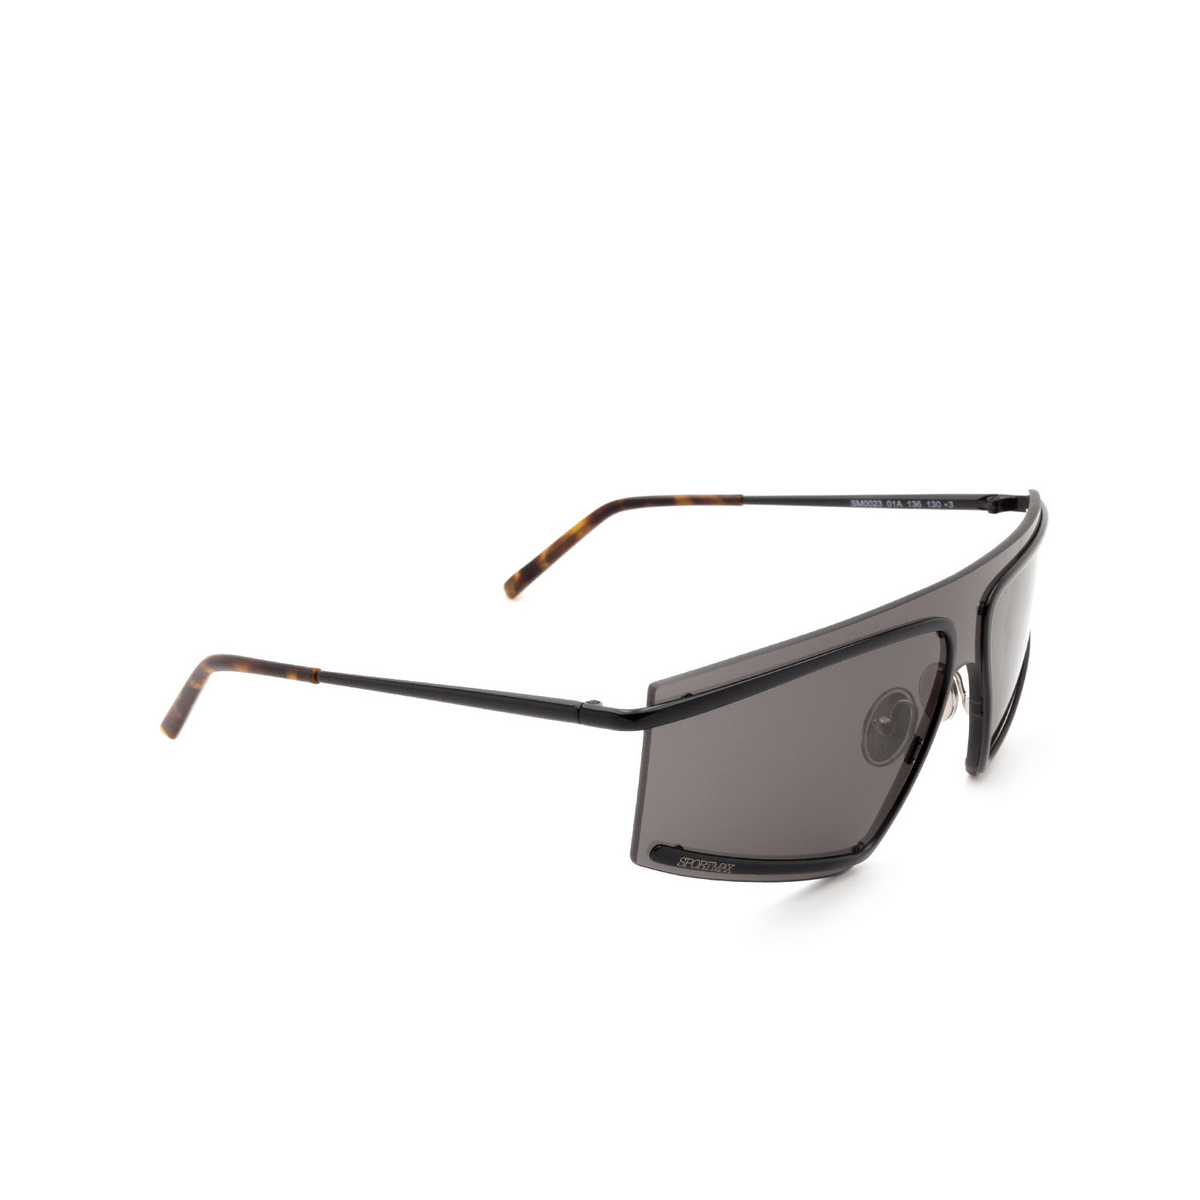 Sportmax® Mask Sunglasses: SM0023 color Shiny Black 01A - three-quarters view.